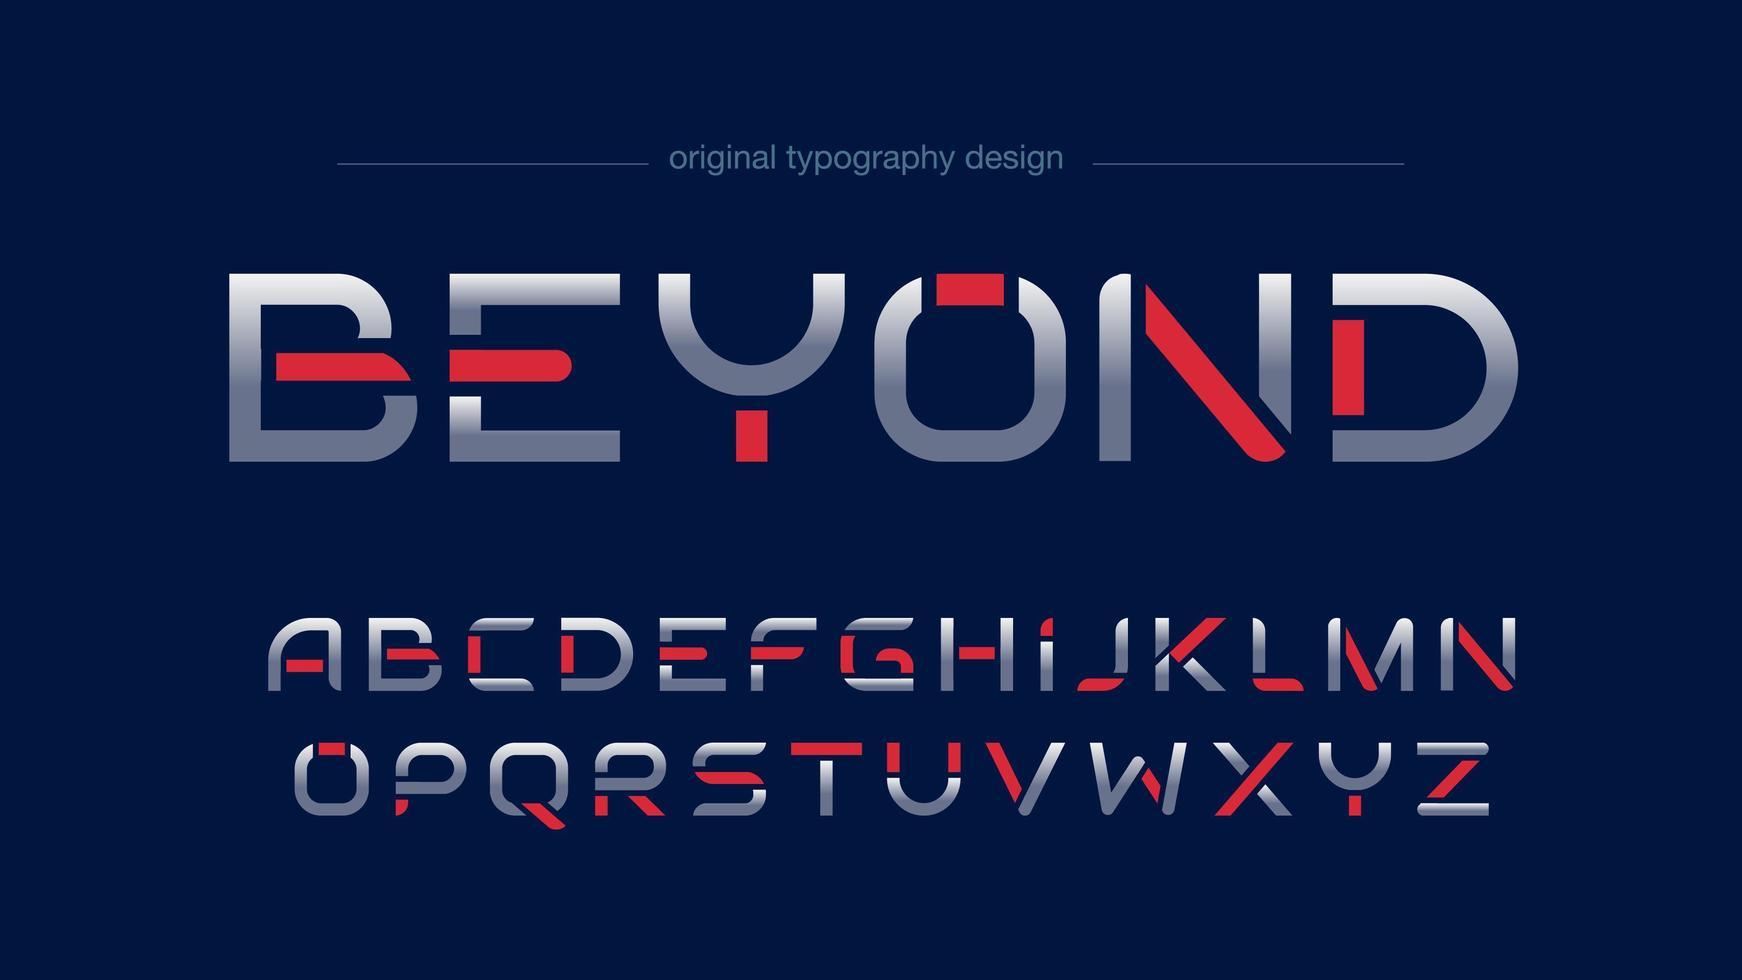 Diseño de tipografía deportiva futurista vector